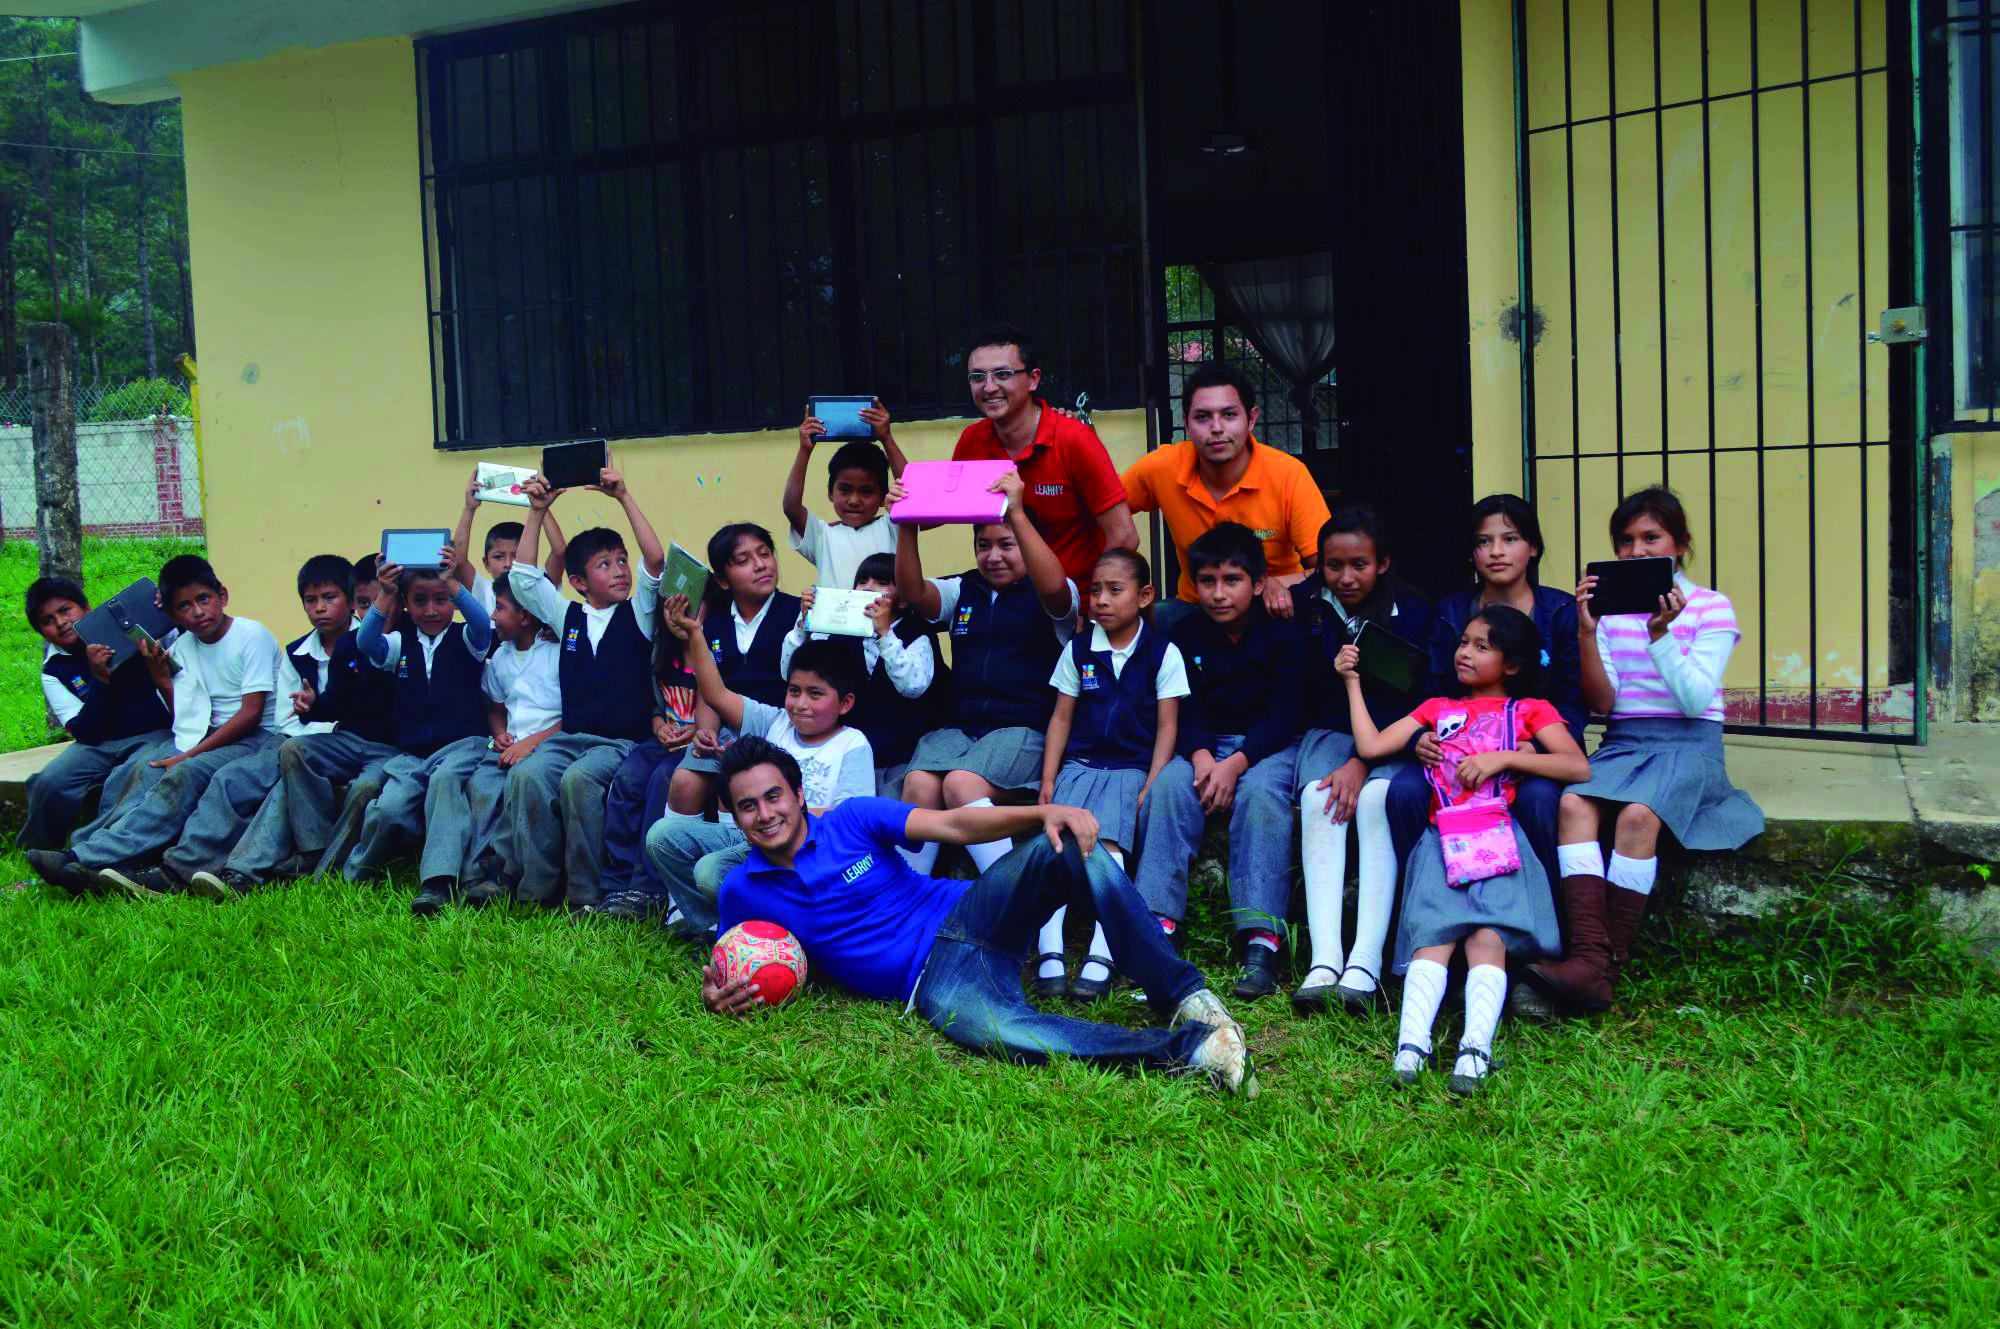 Fundación Learny - Sierra Norte de Puebla (Michiuca regalos).jpg